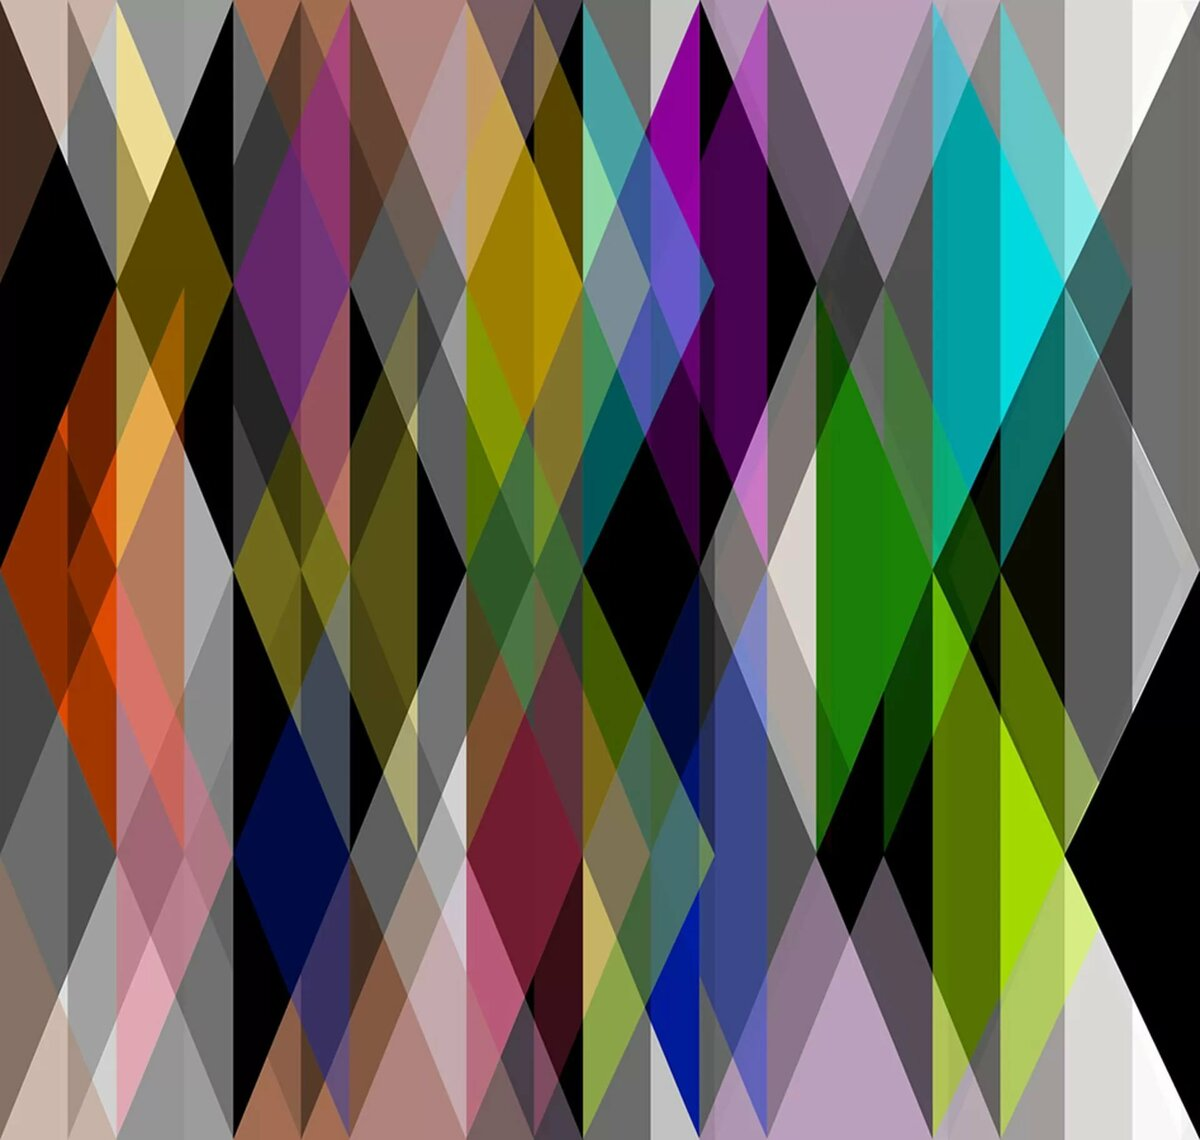 предлагает абстракции в дизайне в картинках тут как